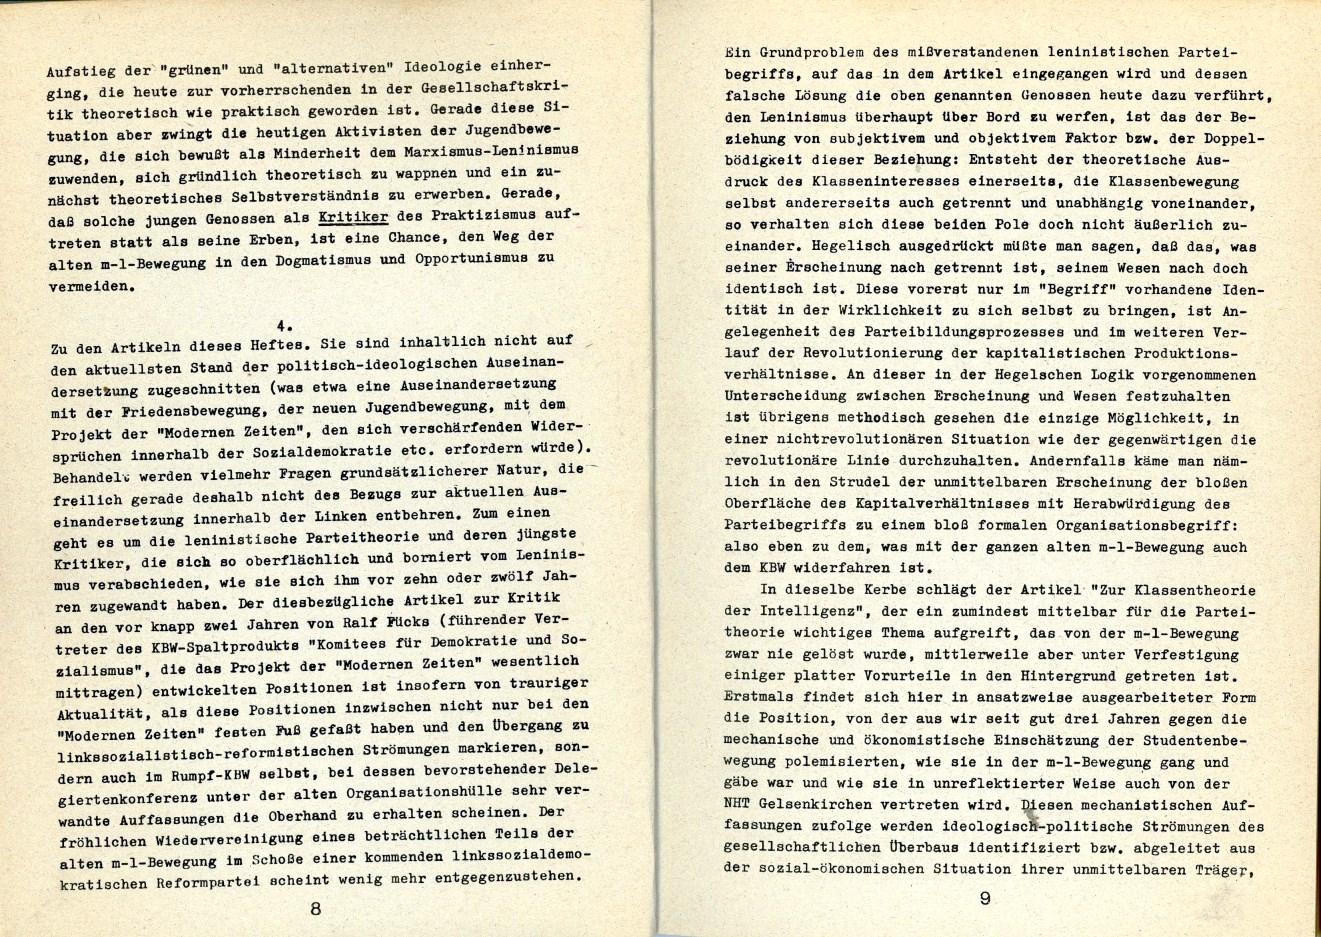 Erlangen_VNS_Neue_Stroemung_1981_04_06